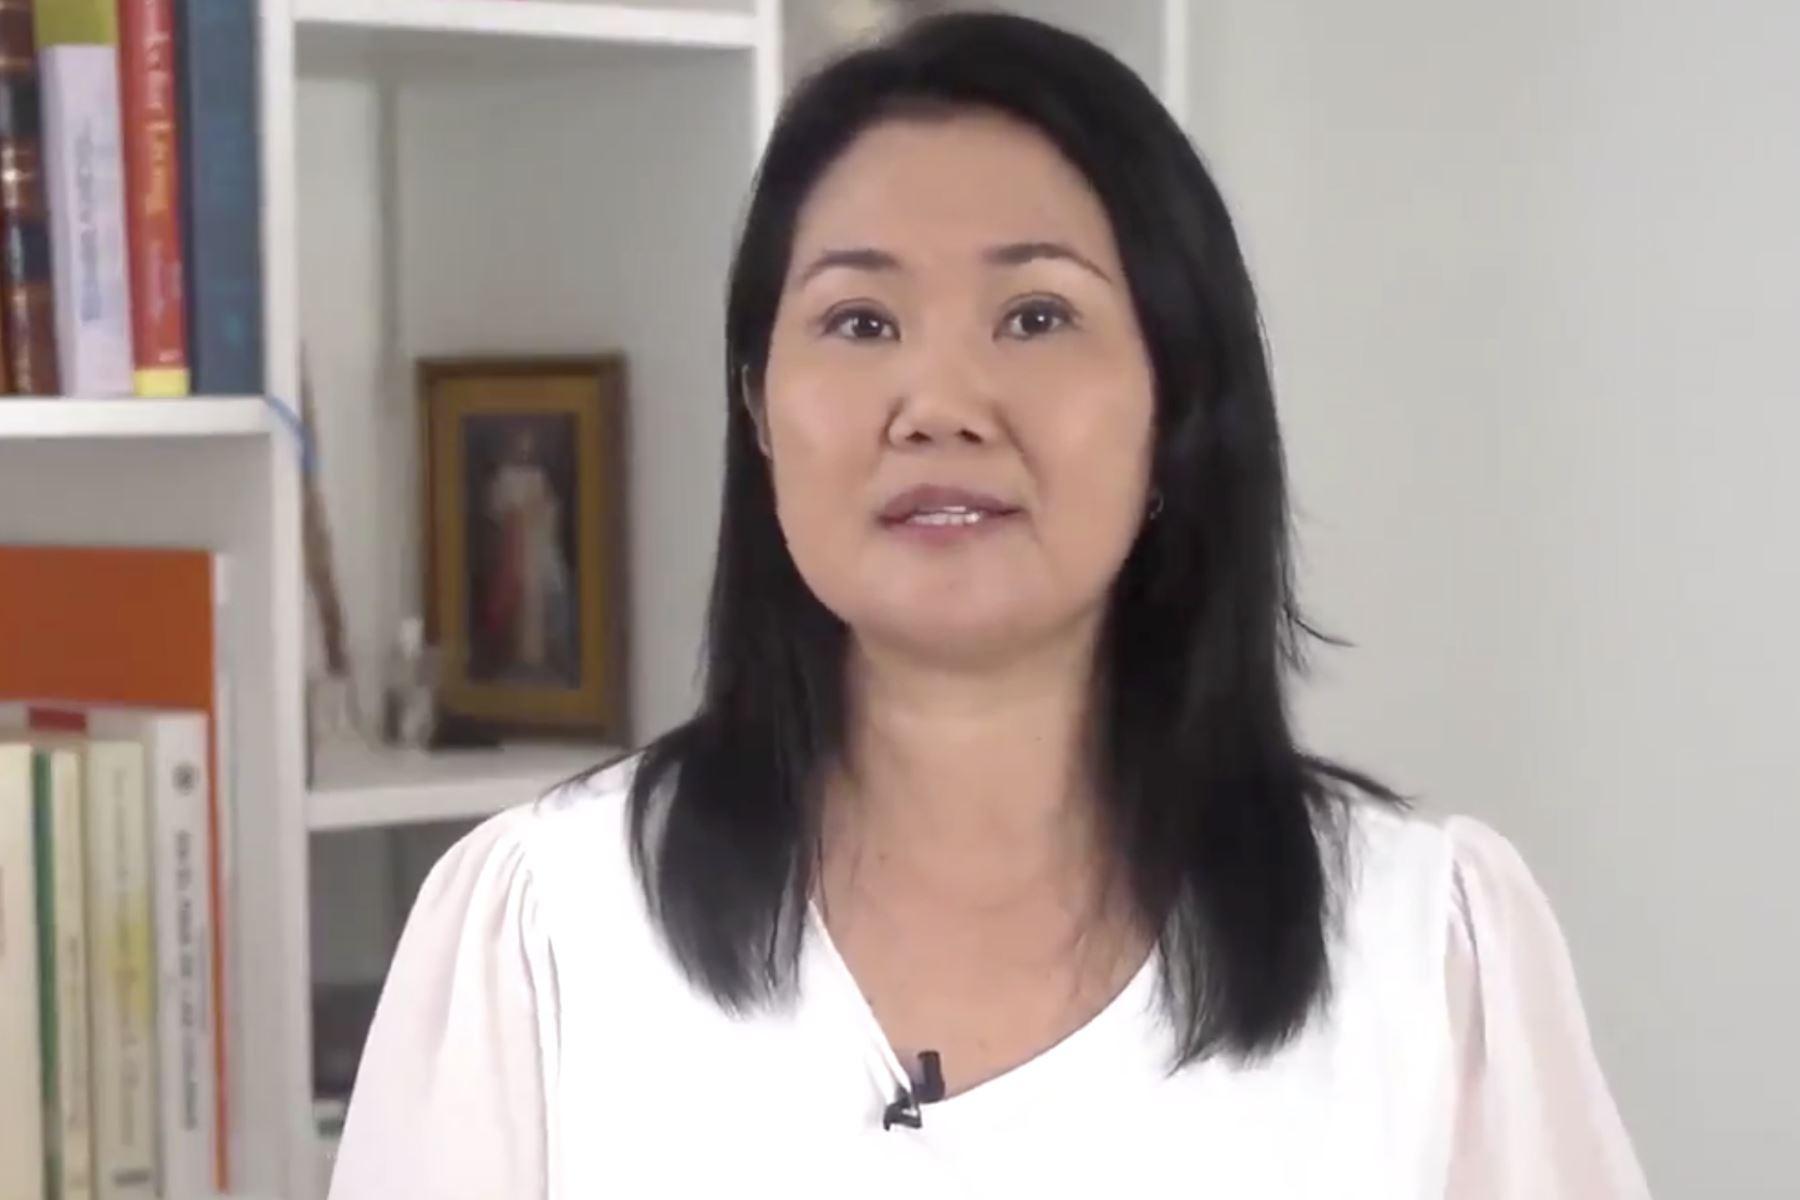 keiko-fujimori-reconoce-que-su-bancada-fue-confrontacional-con-el-gobierno